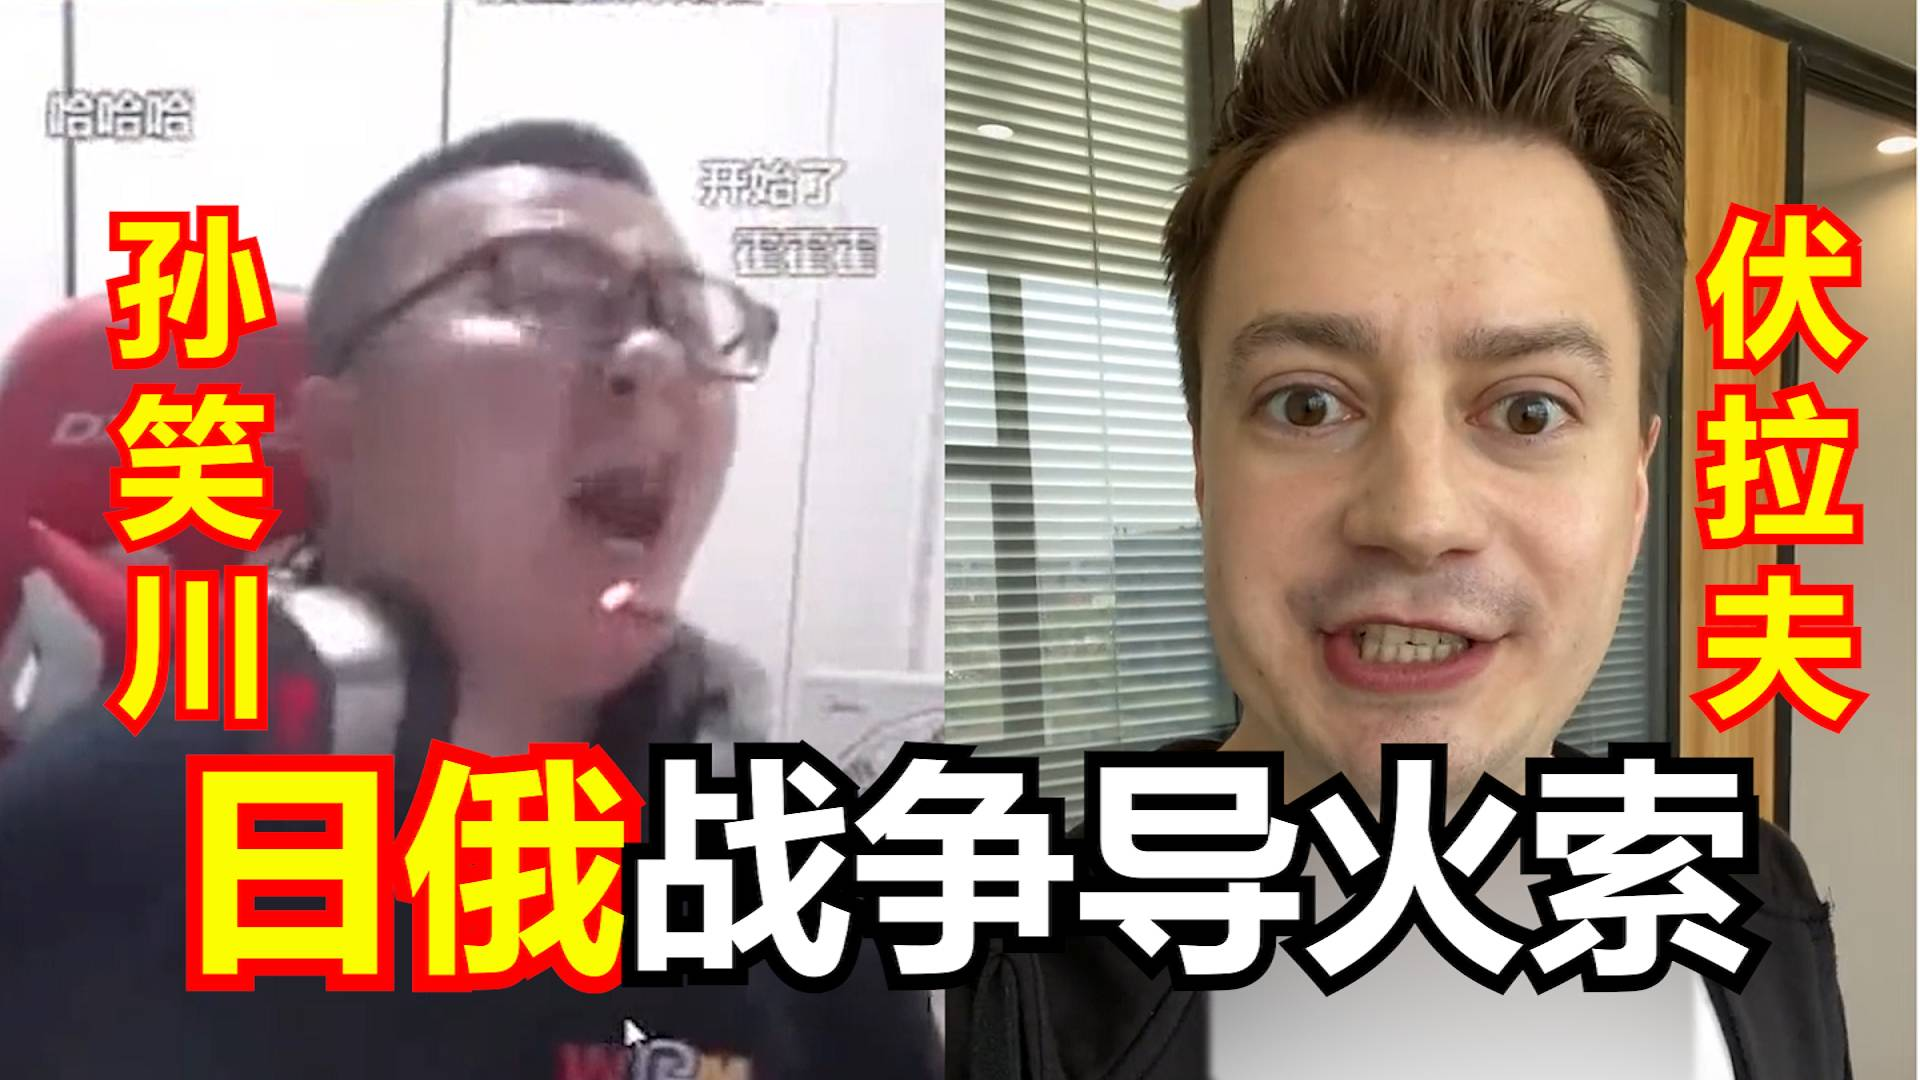 【孙笑川VS伏拉夫】日 俄 战 争 导 火 索